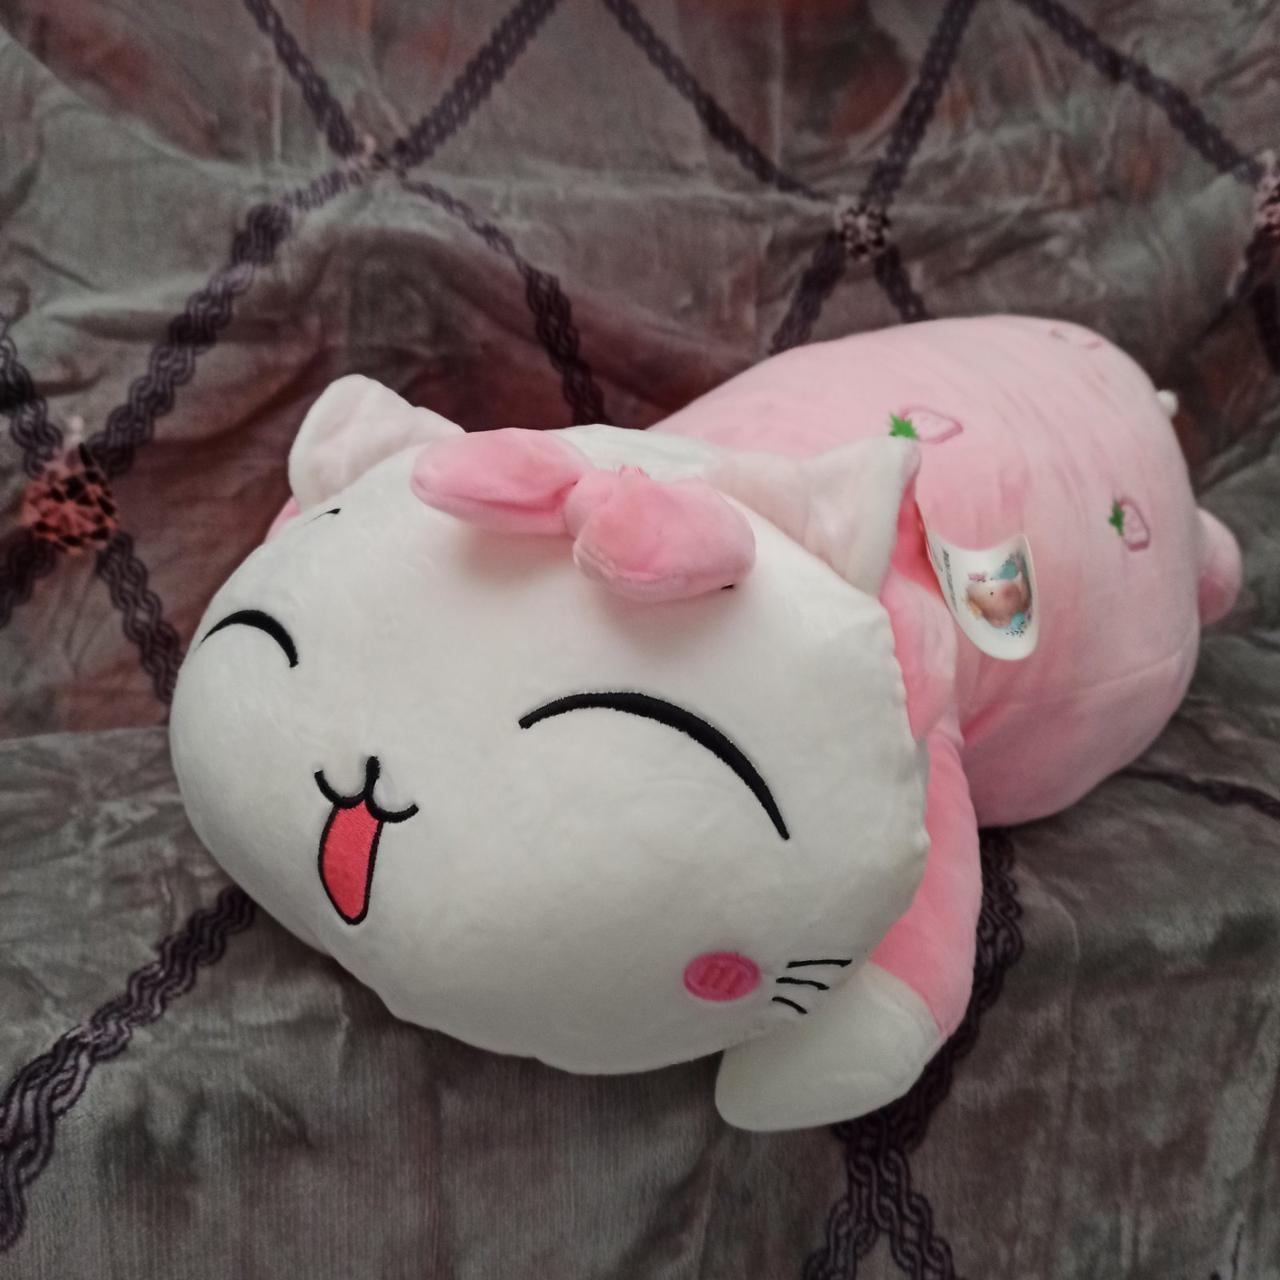 Плед игрушка подушка 3 в1 Кошечка | Игрушка детский плед | Игрушки-Подушки | Мягкая игрушка Розового цвета